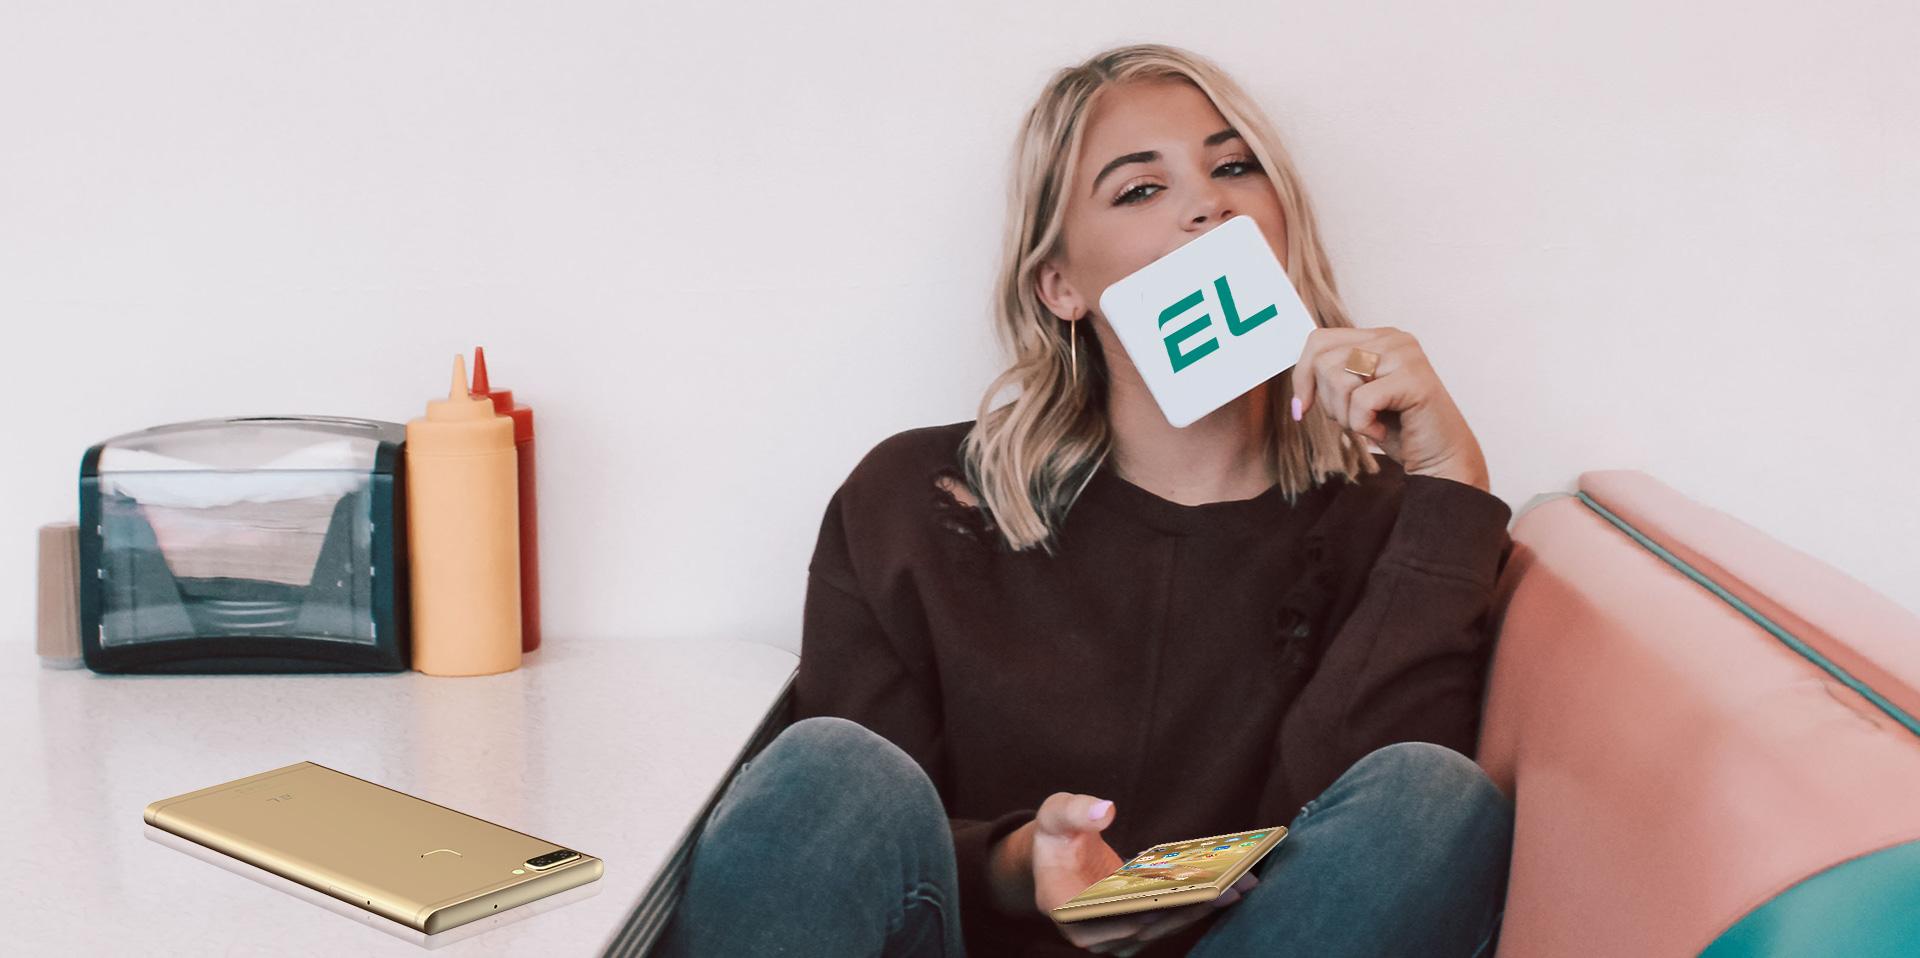 关于 EL